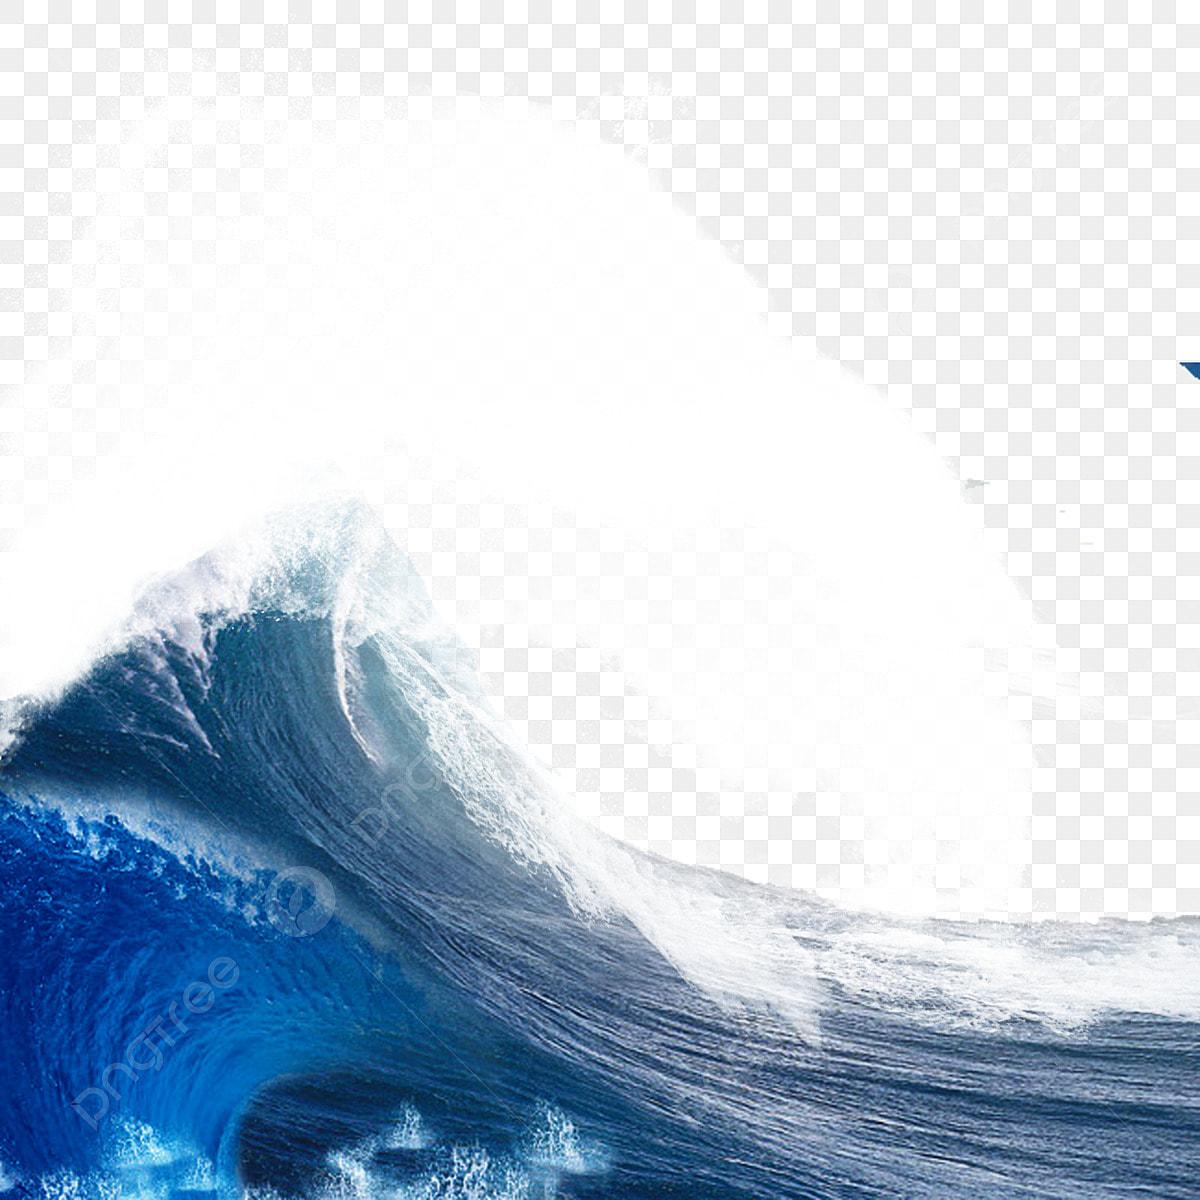 8580082a8 امواج البحر أزرق سطح البحر المياه السطحية PNG صورة للتحميل مجانا